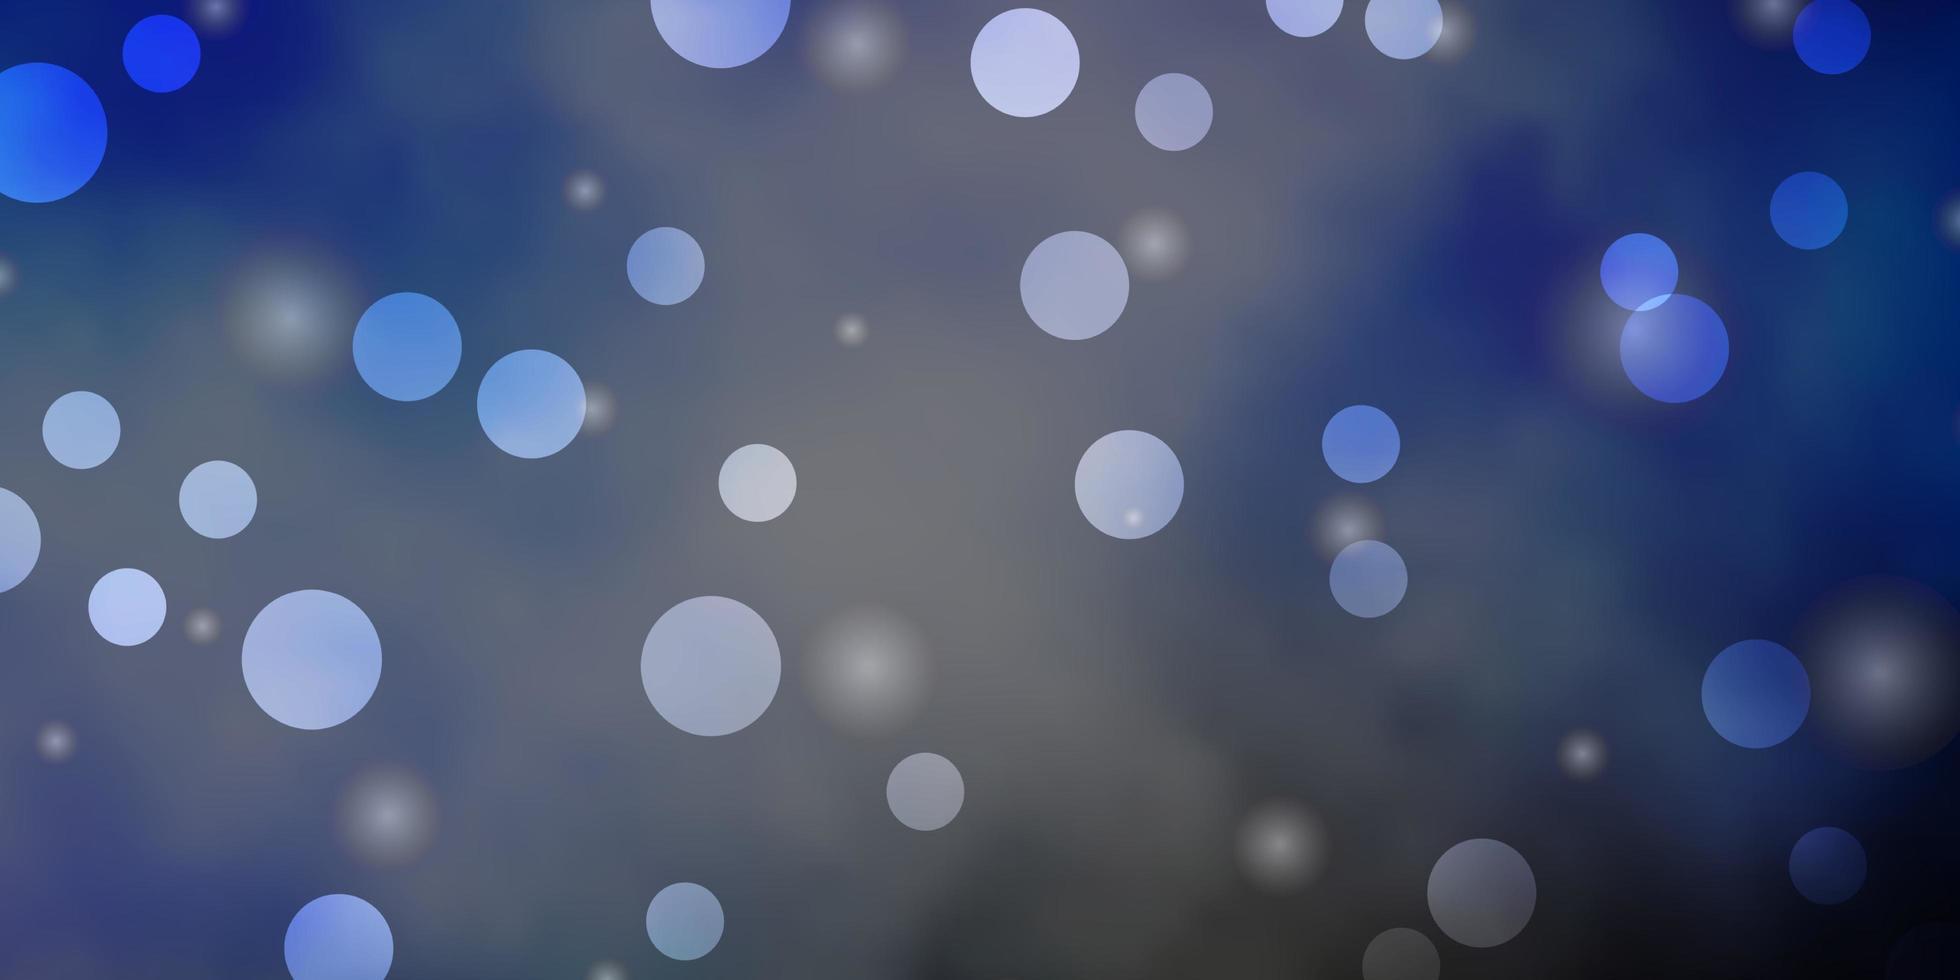 sfondo blu, giallo con cerchi, stelle. vettore